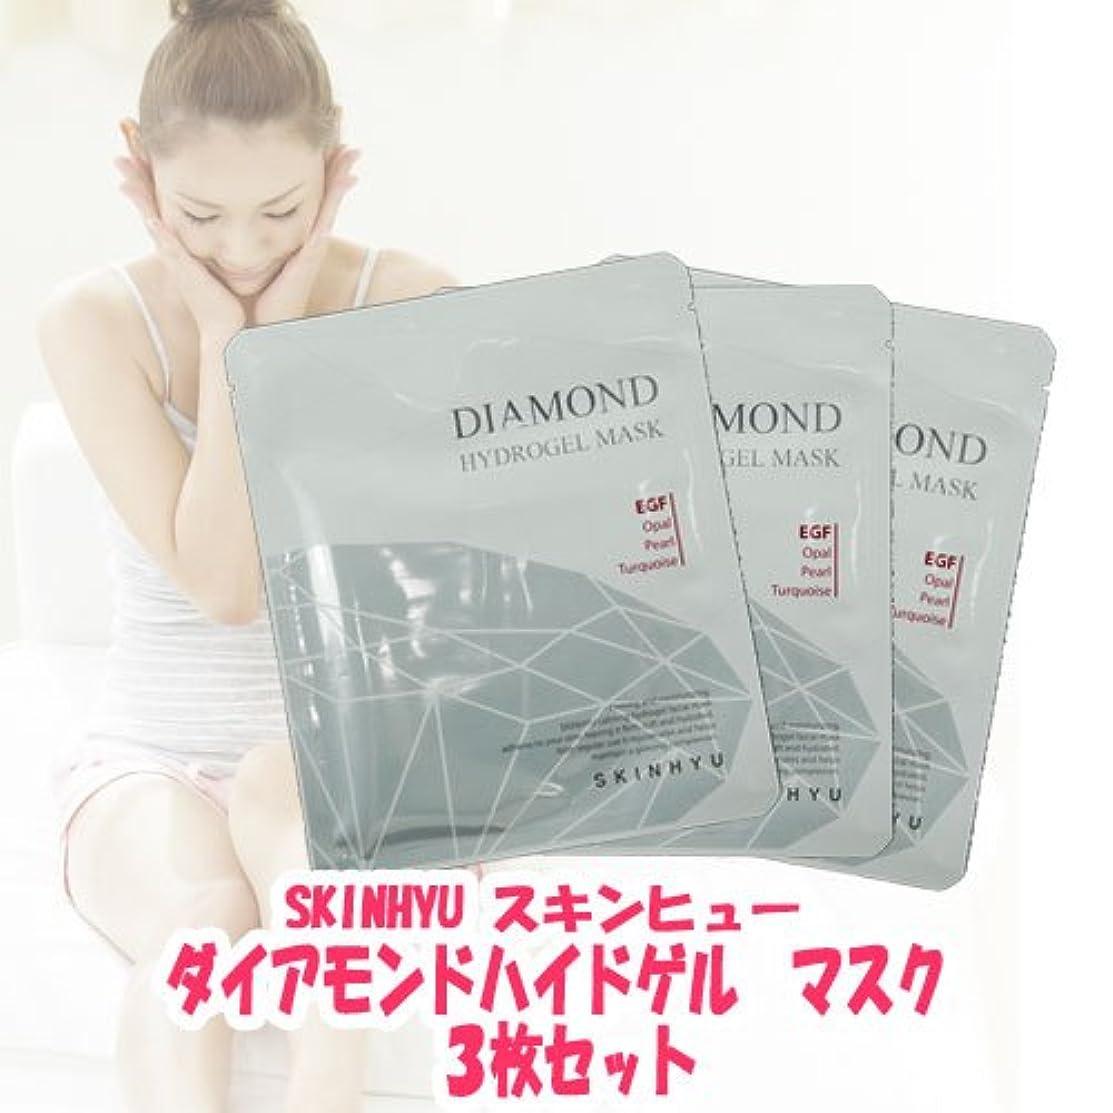 定常飼い慣らす以来SKINHYU スキンヒュー ダイヤモンドハイドロゲルマスク 3枚セット